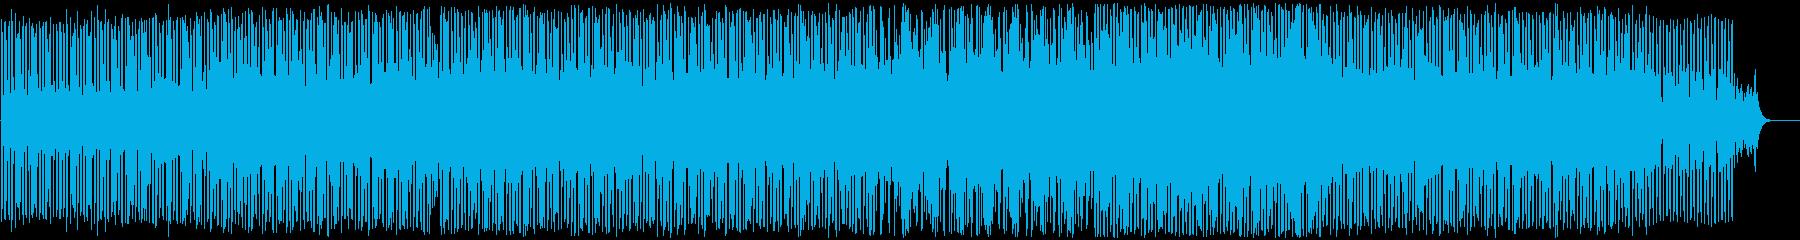 王道の進行 ループ系 クラブミュージックの再生済みの波形